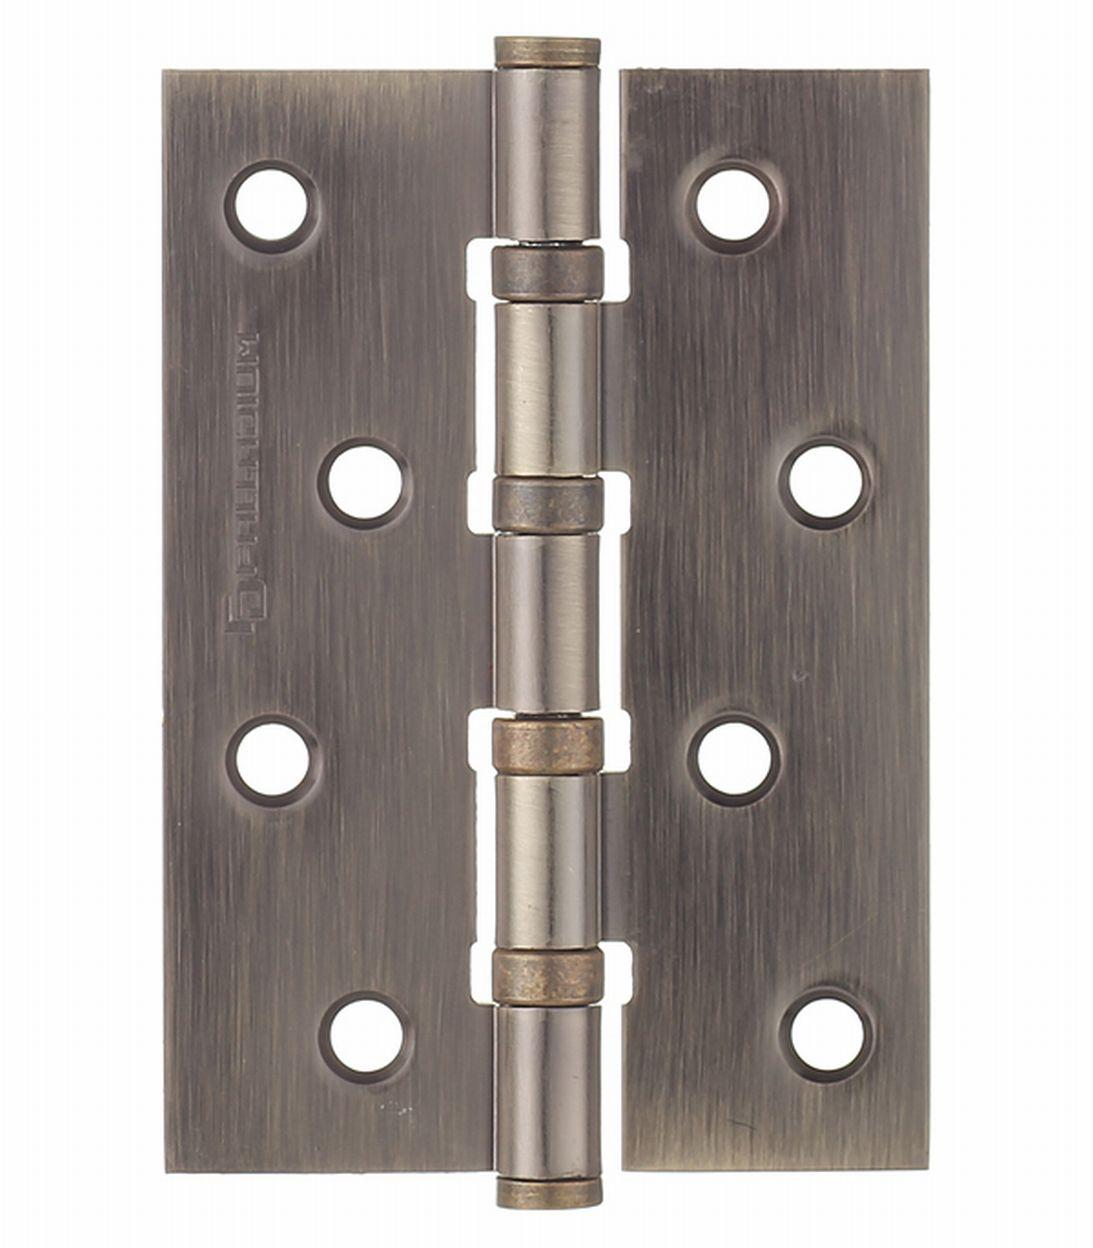 Петля Palladium N 4BB-100 AB универсальная неразъемная 100х75x2 мм бронза петля дверная palladium 2вв 100 универсальная 2 подшипника цвет античная бронза длина 10 см